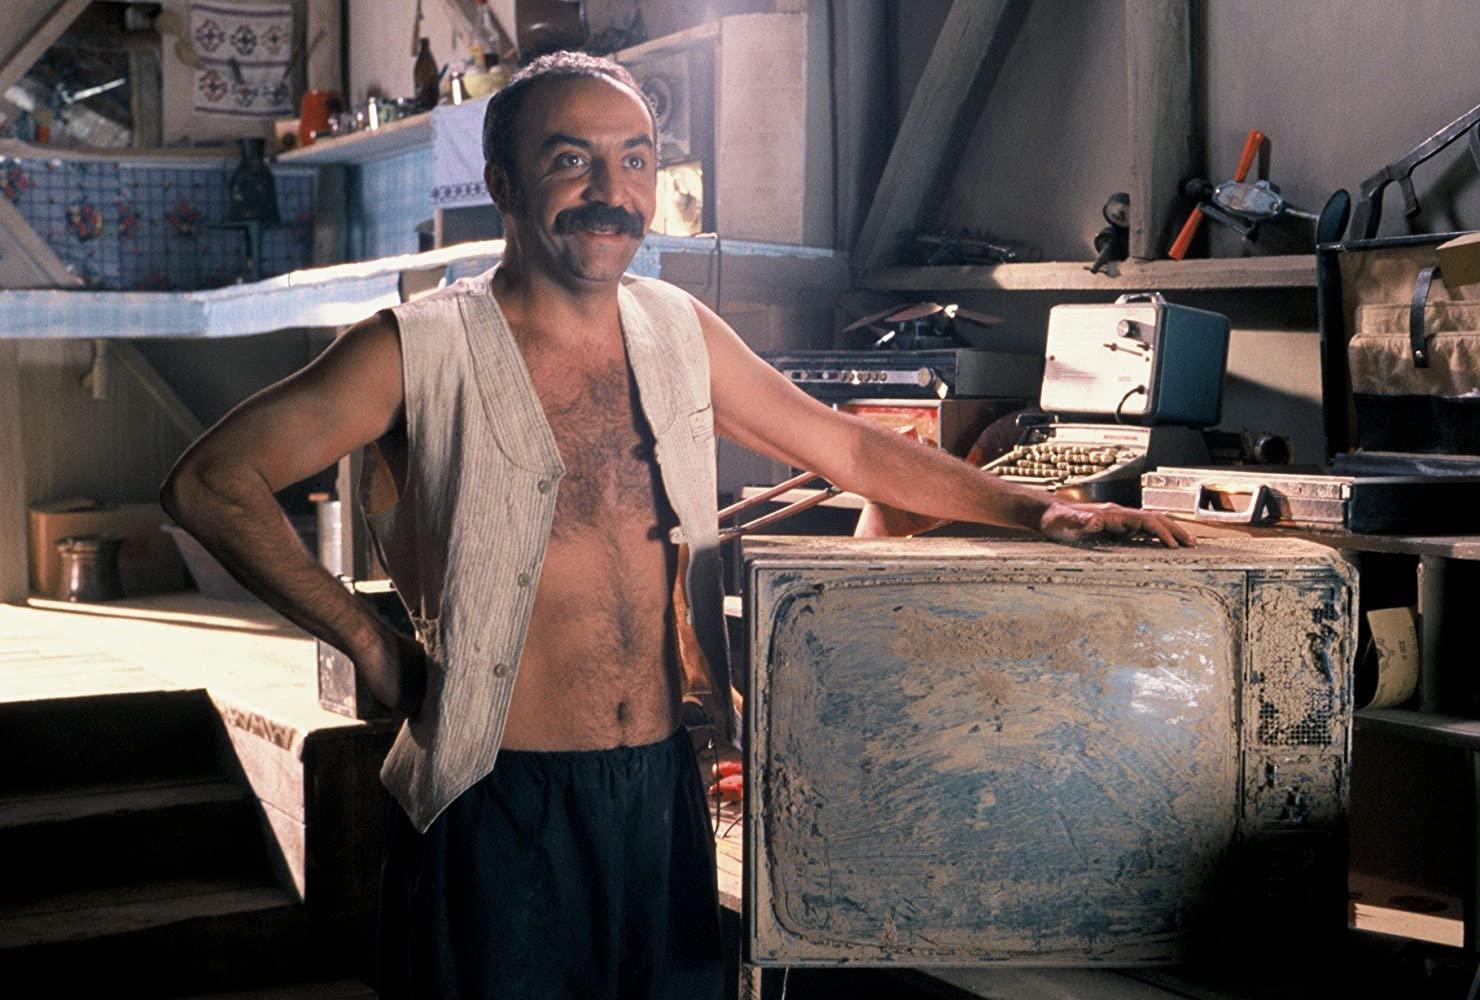 مشاهدة فيلم Vizontele Tuuba (2003) مترجم HD اون لاين